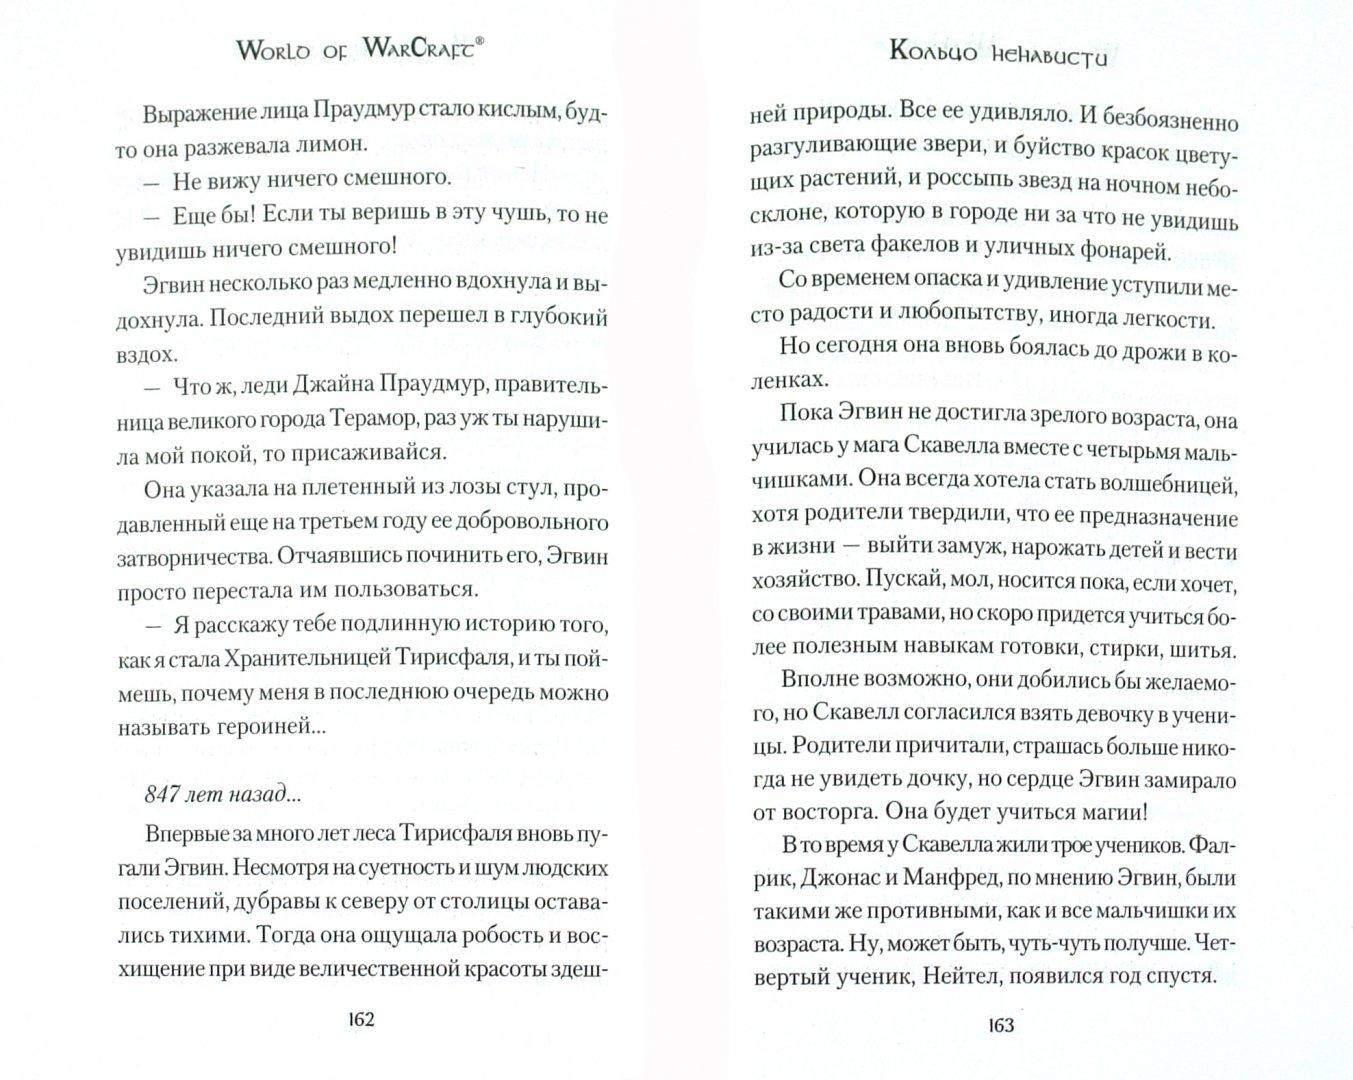 Иллюстрация 1 из 8 для World of WarCraft. Кольцо ненависти - де Кандидо Кит Р. А. | Лабиринт - книги. Источник: Лабиринт